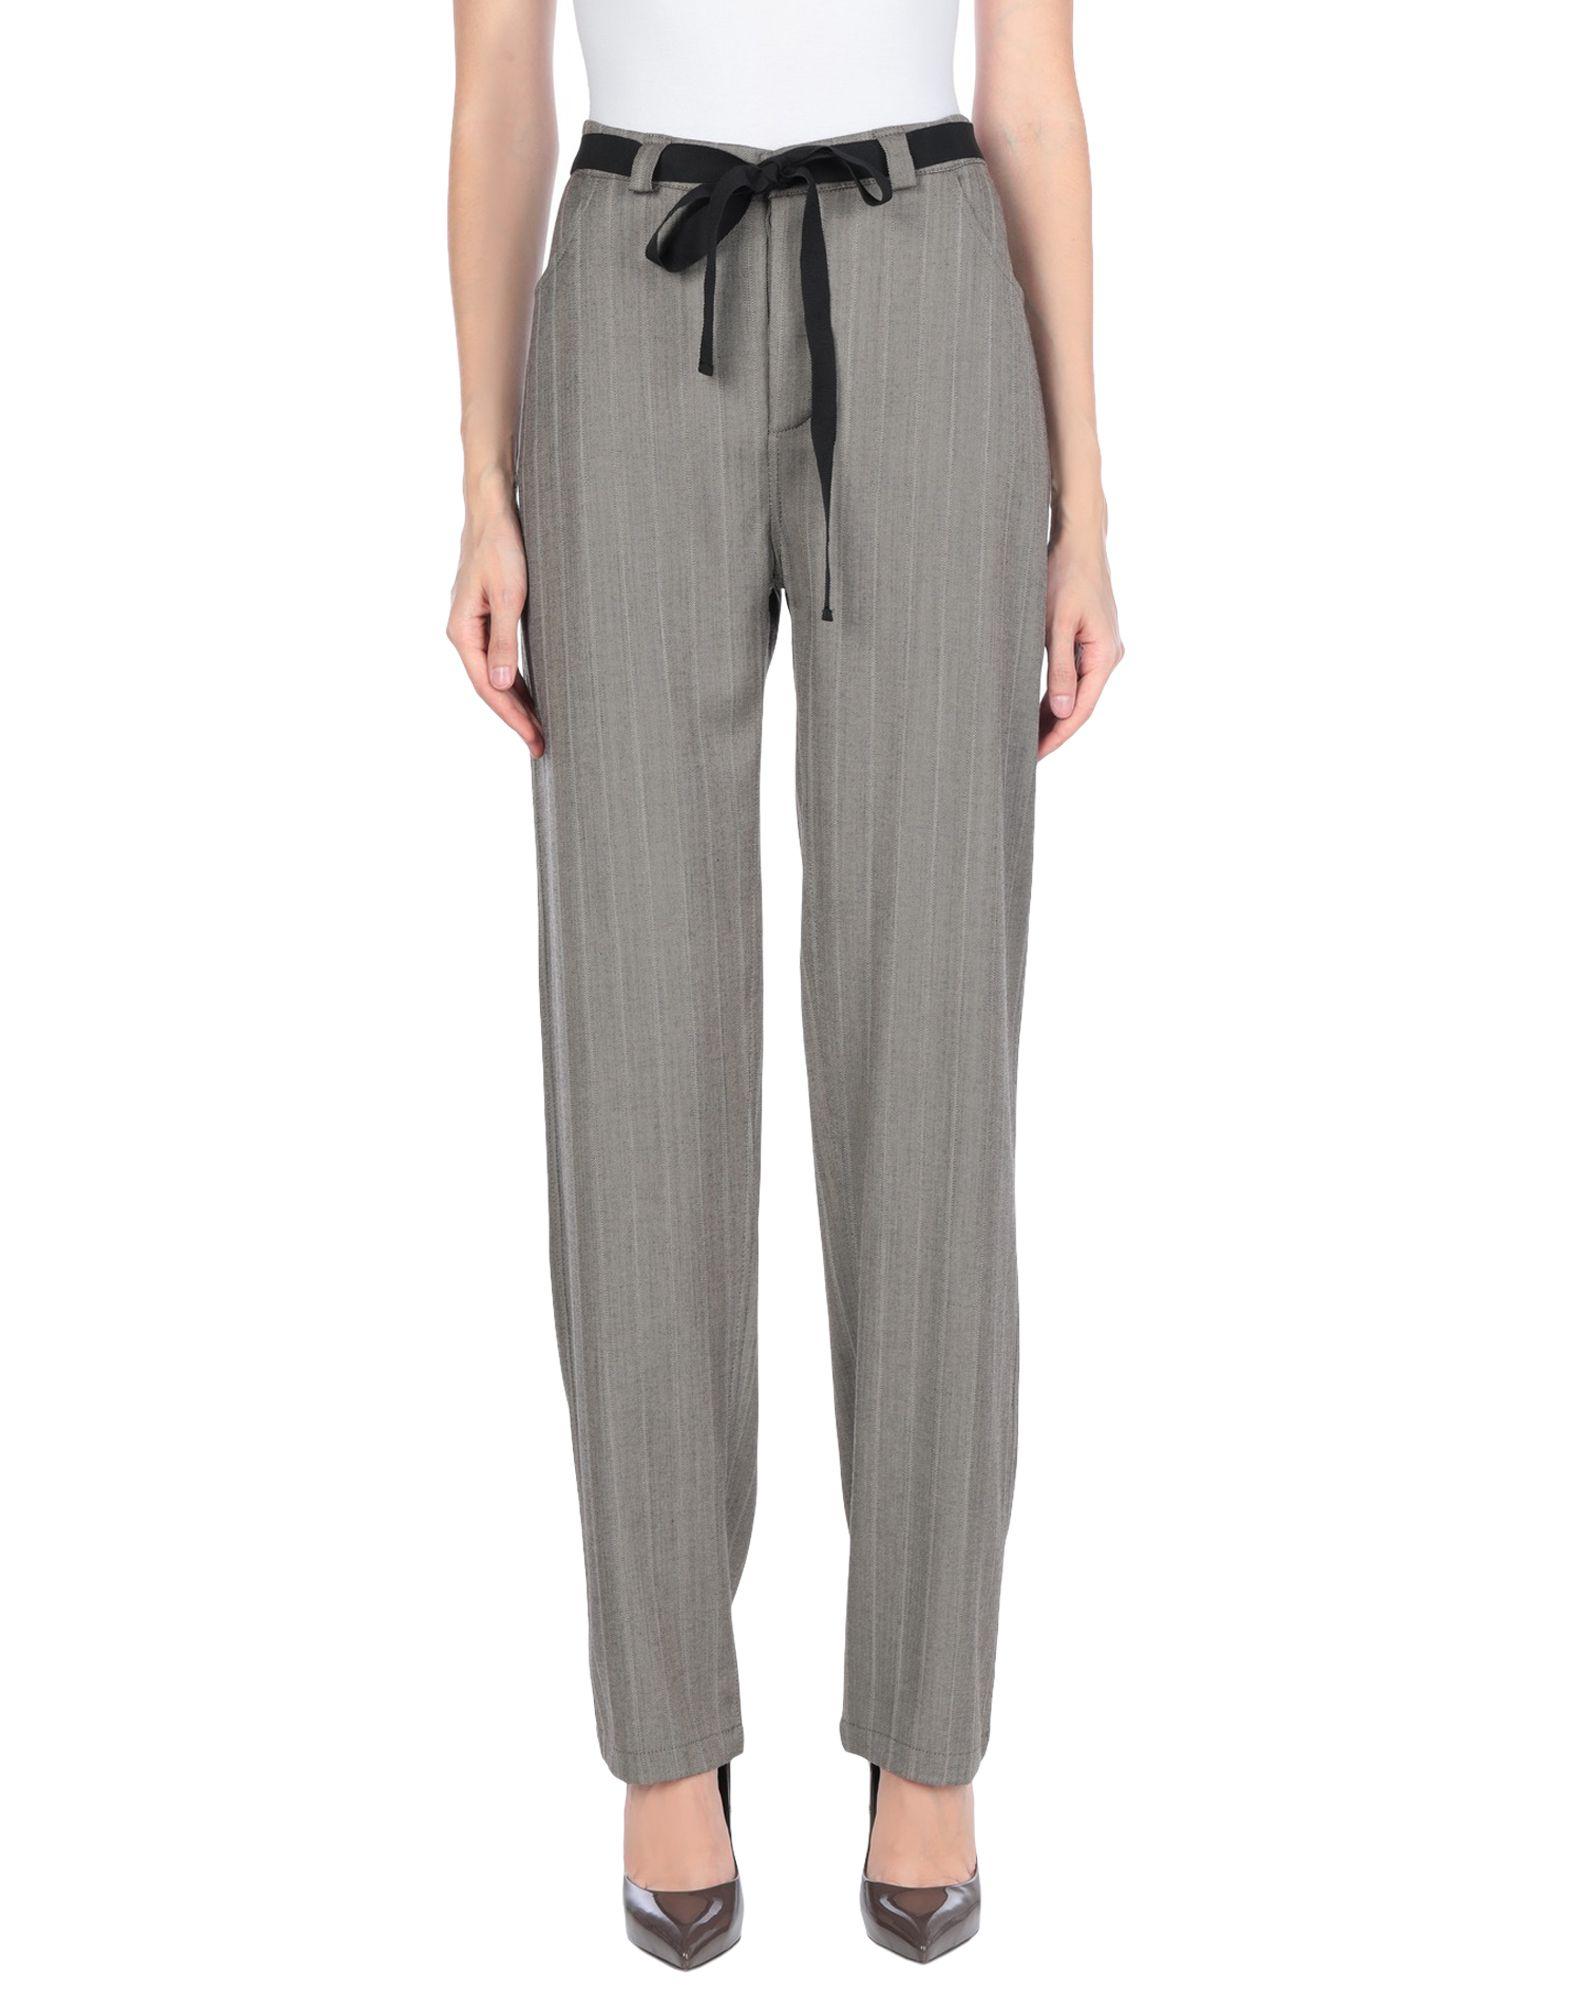 купить MARIA CALDERARA Повседневные брюки по цене 8350 рублей